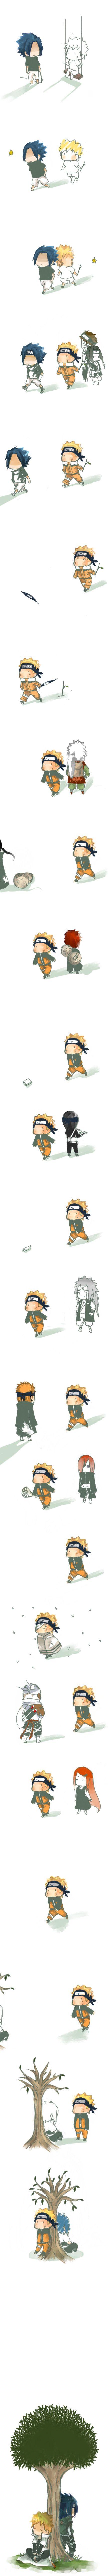 Naruto History's by SorayaAnimeFan4Ever on DeviantArt